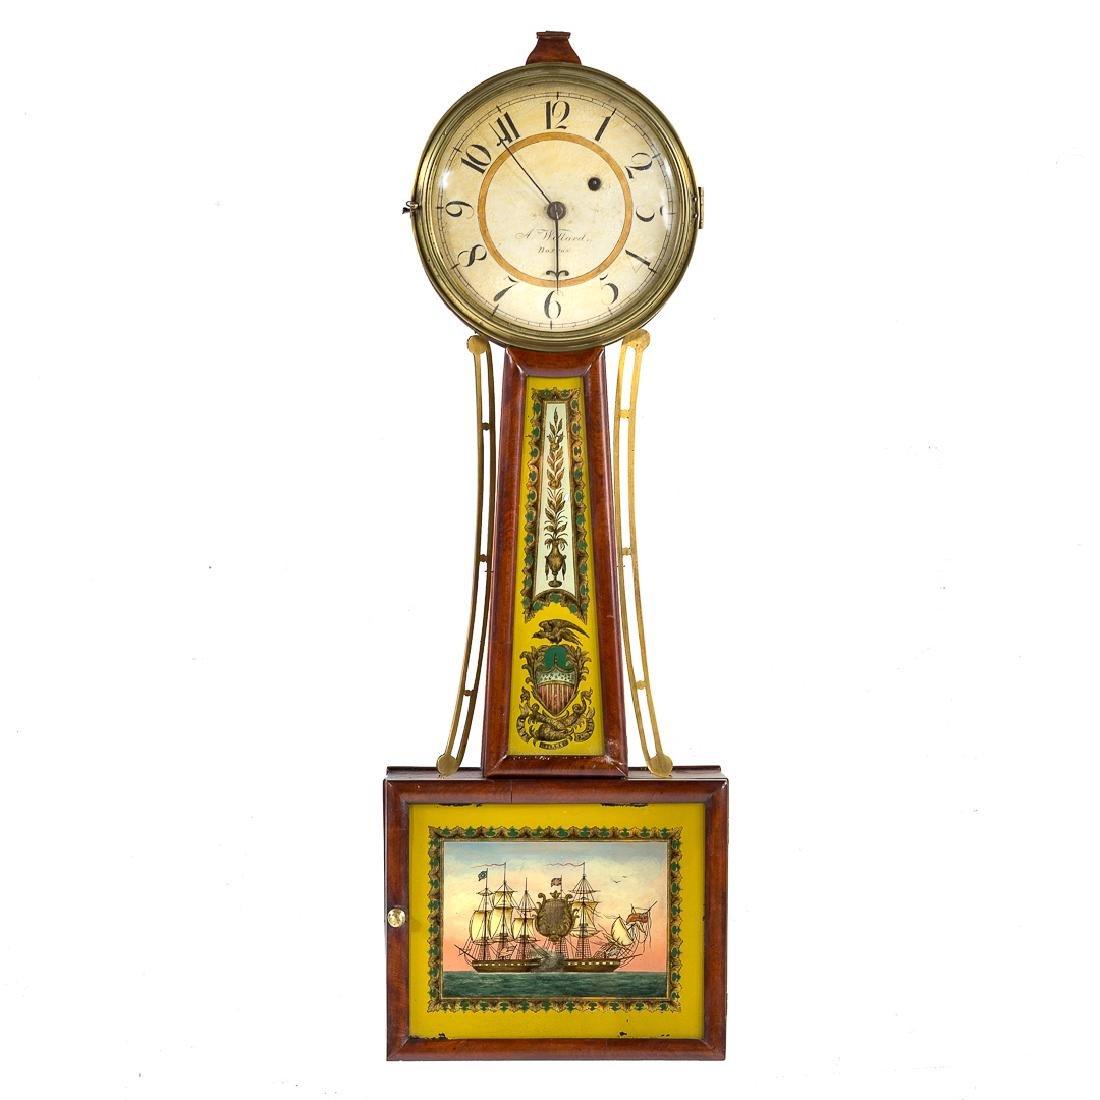 Aaron Willard Federal banjo clock